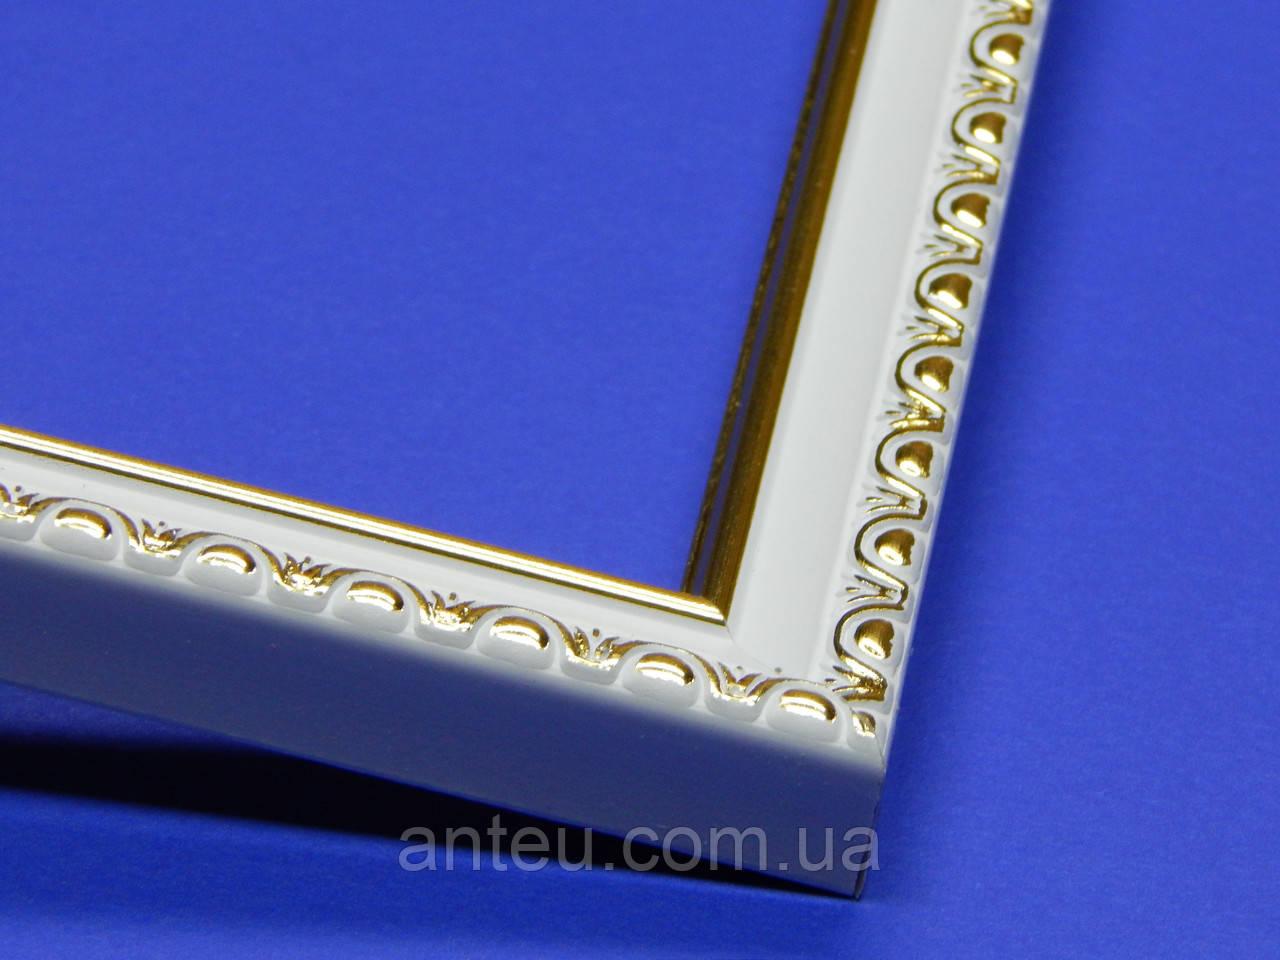 Рамки А4 пластиковая,цвет-белый с орнаментом,ширина-17 мм